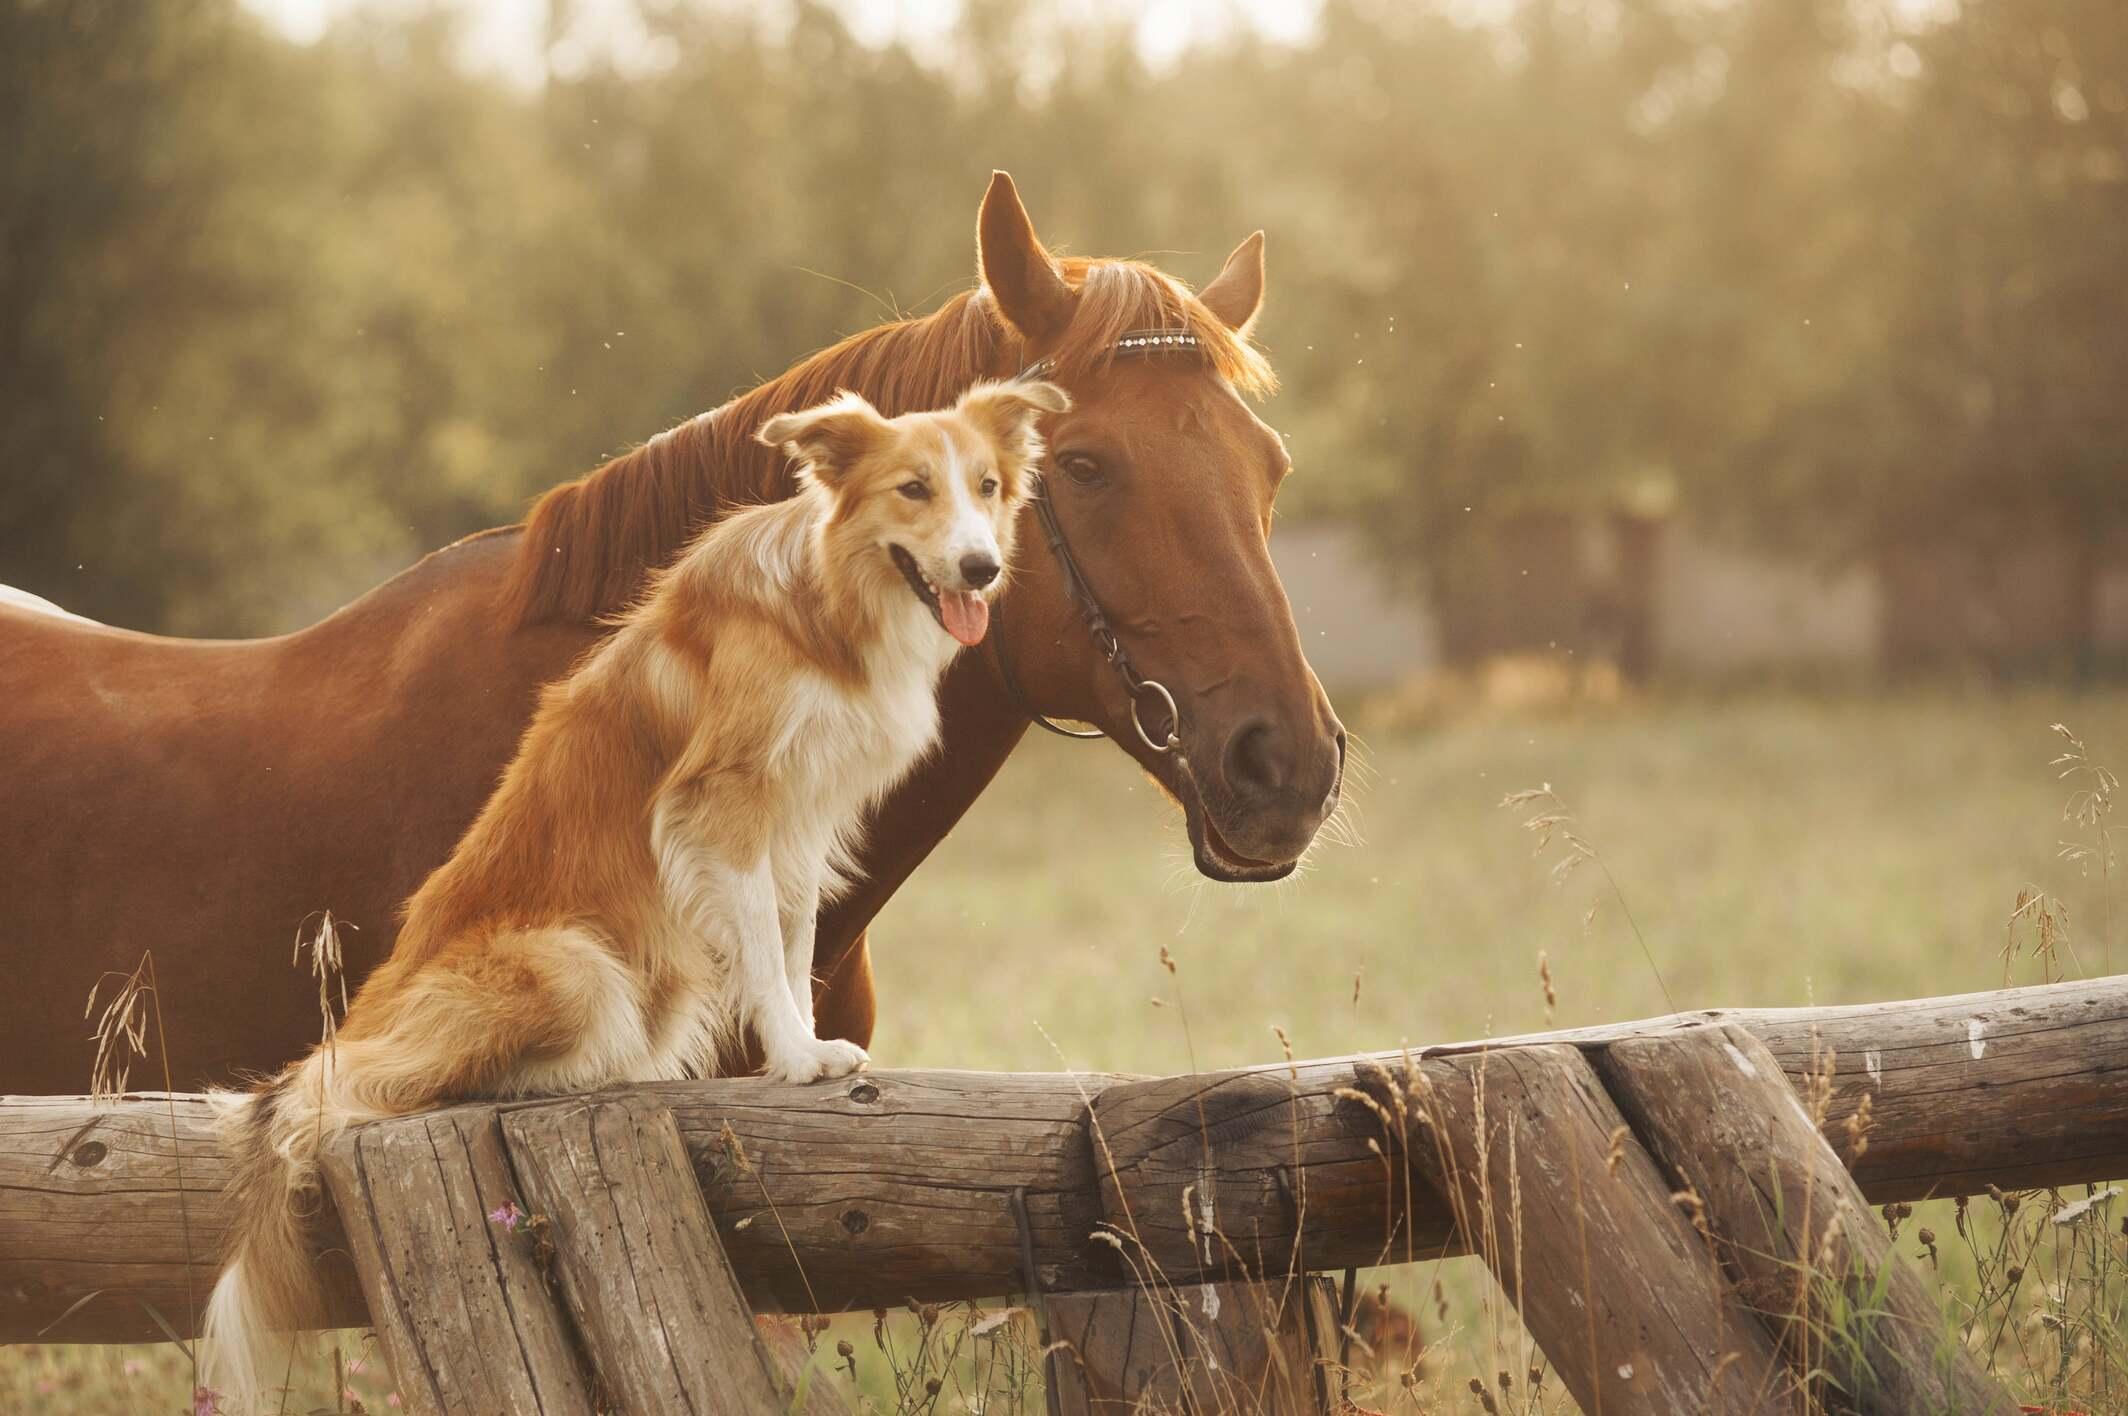 Protégez vos animaux avec notre gamme vétérinaire